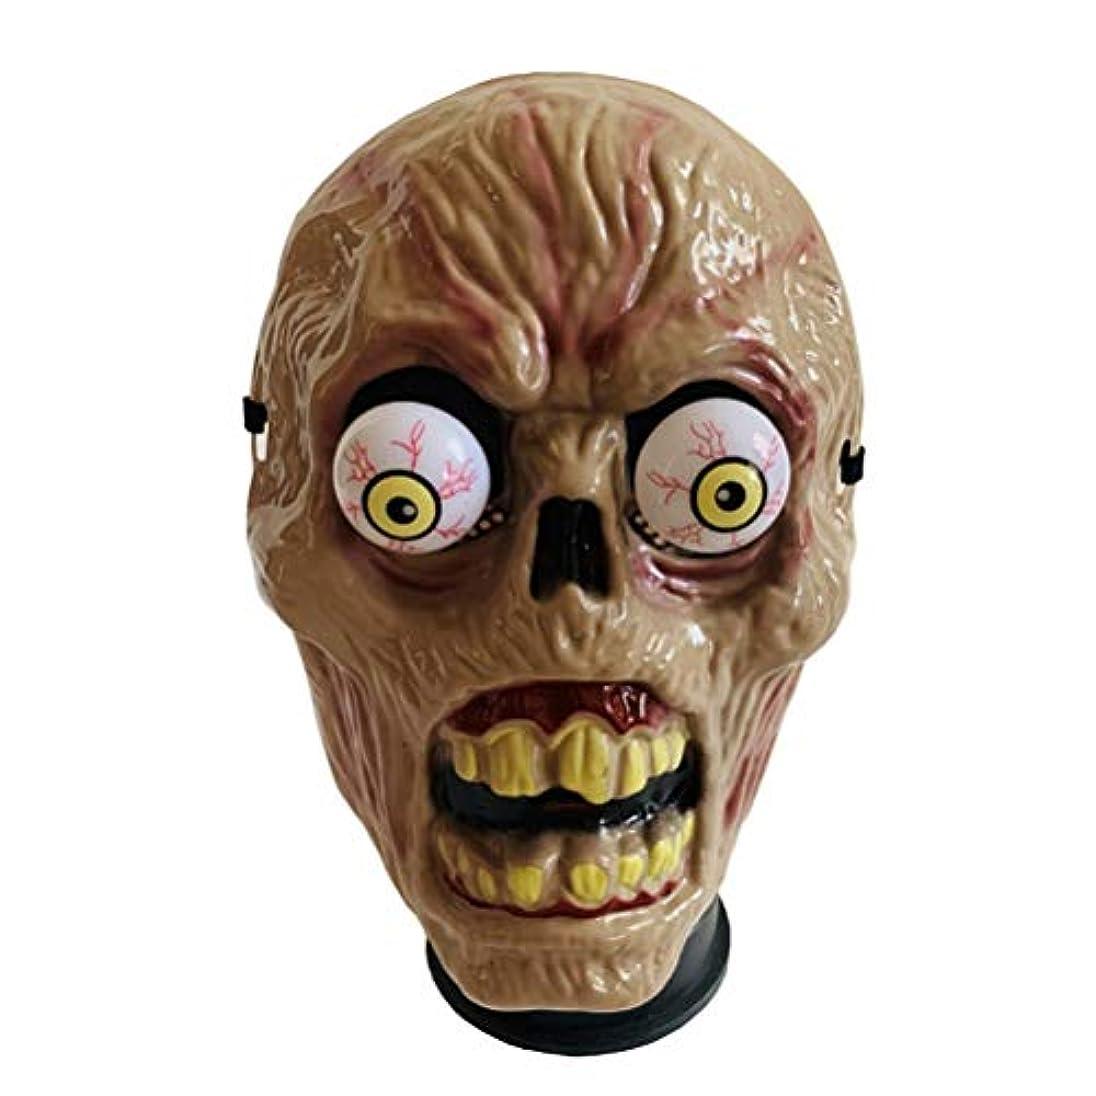 イサカ選出するタバコAmosfunハロウィンゾンビマスク春眼球コスプレマスク衣装プロップアクセサリー仮面舞踏会マスク用バーパーティー